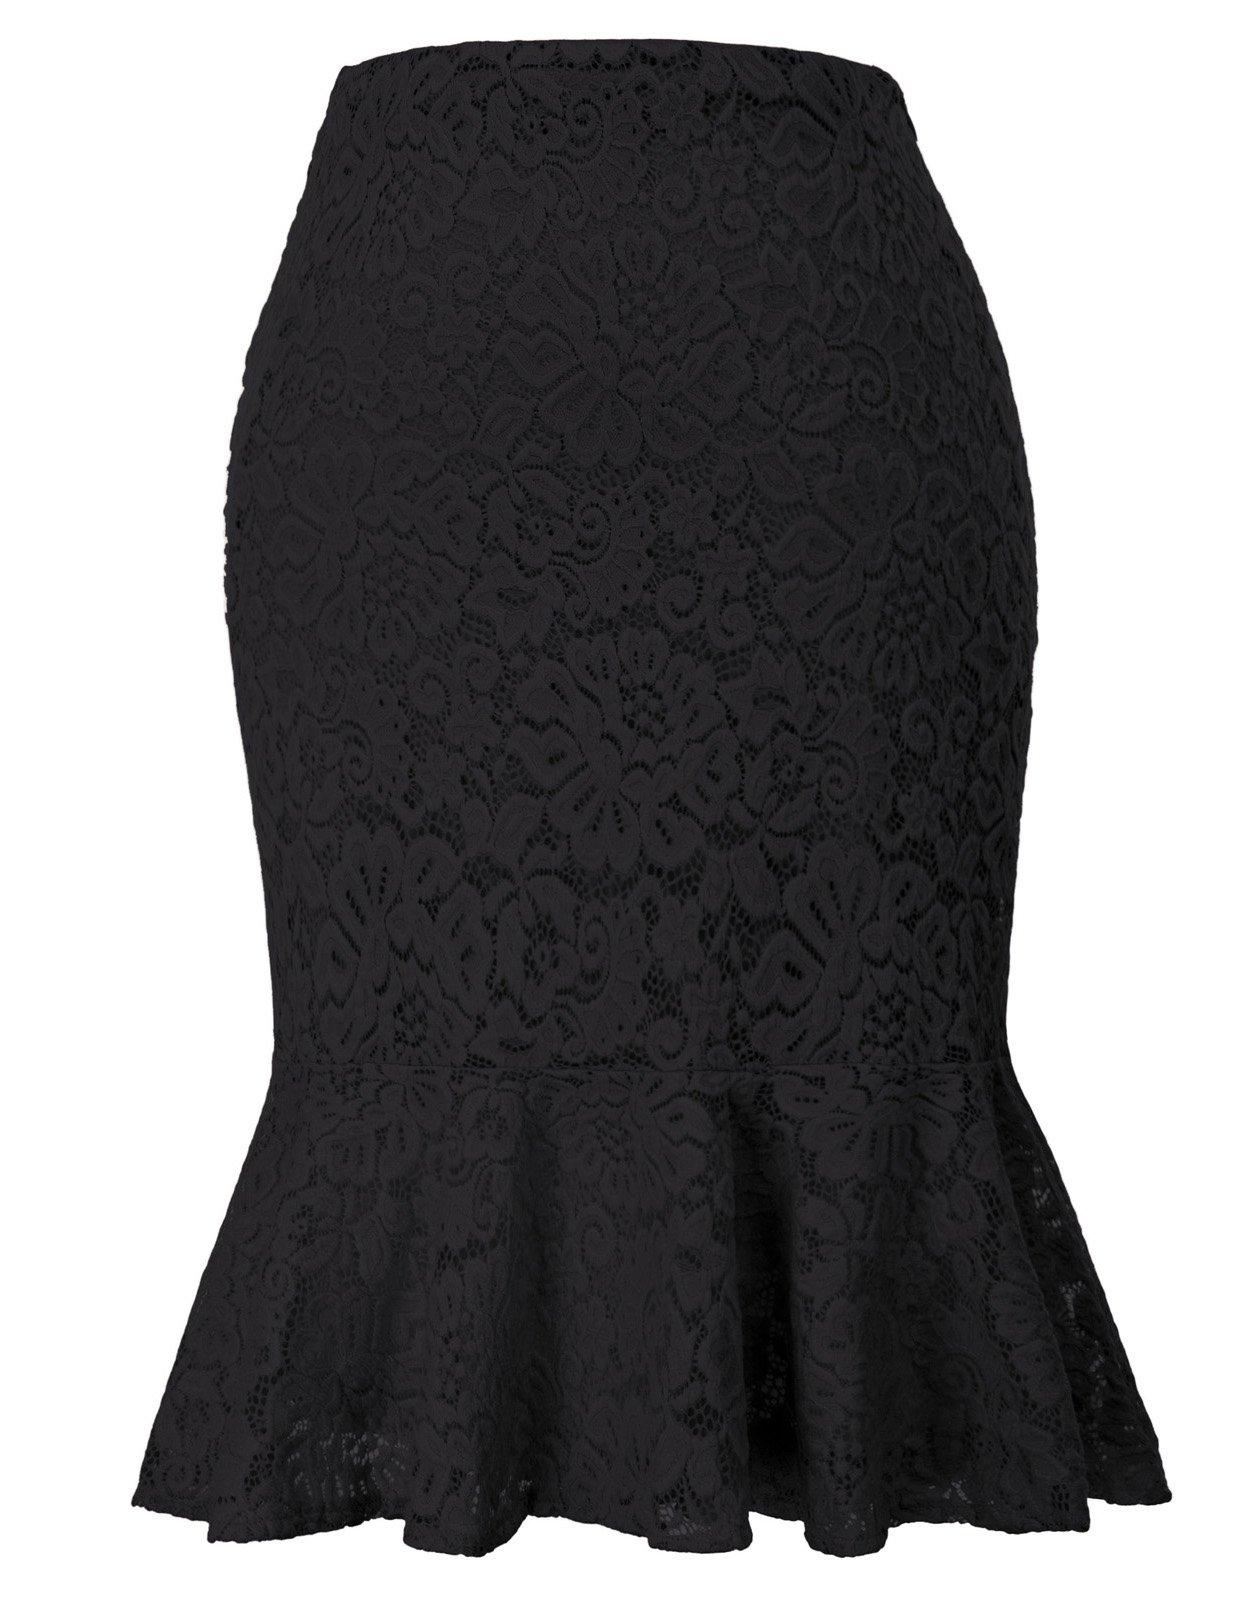 GRACE KARIN Women Slim Fit Pencil Skirt for Office Wear Above The Knee Mermaid Skirt Black L